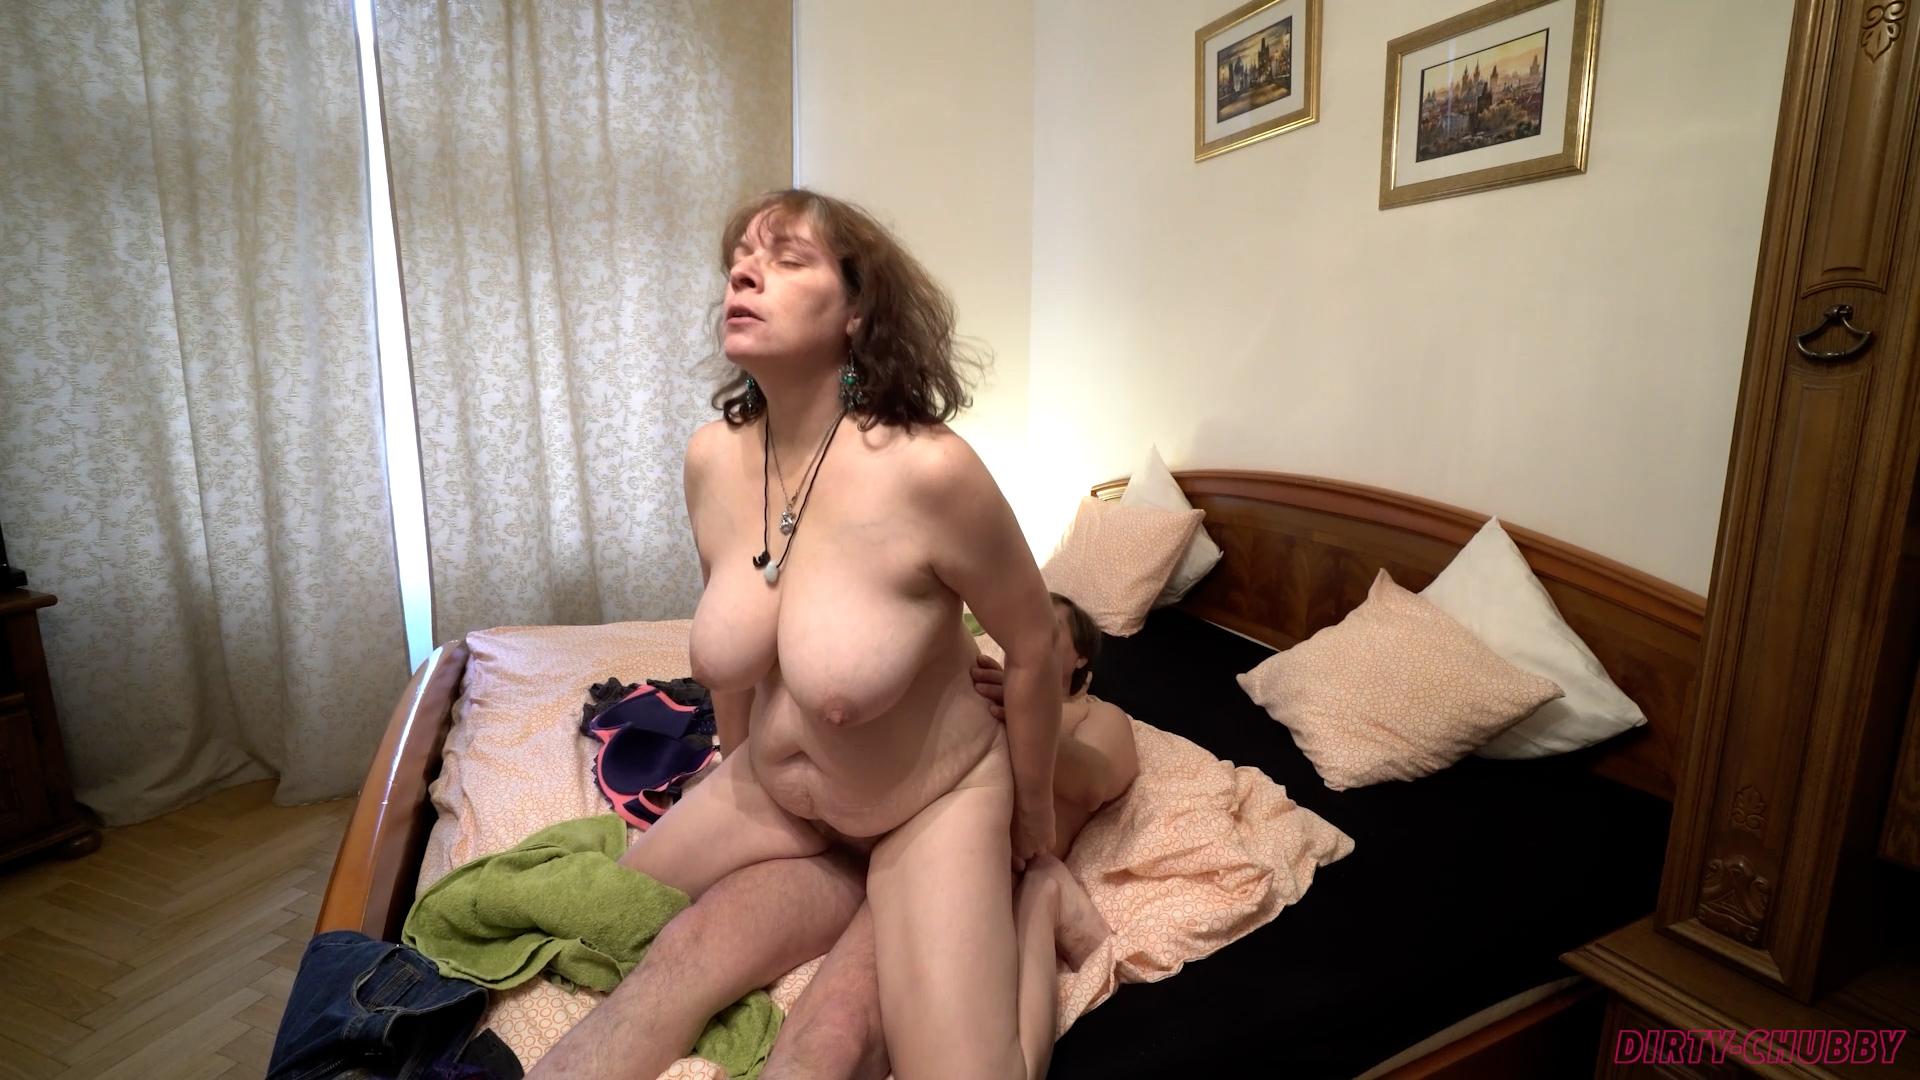 Chubby mature slut demonstrates her skills